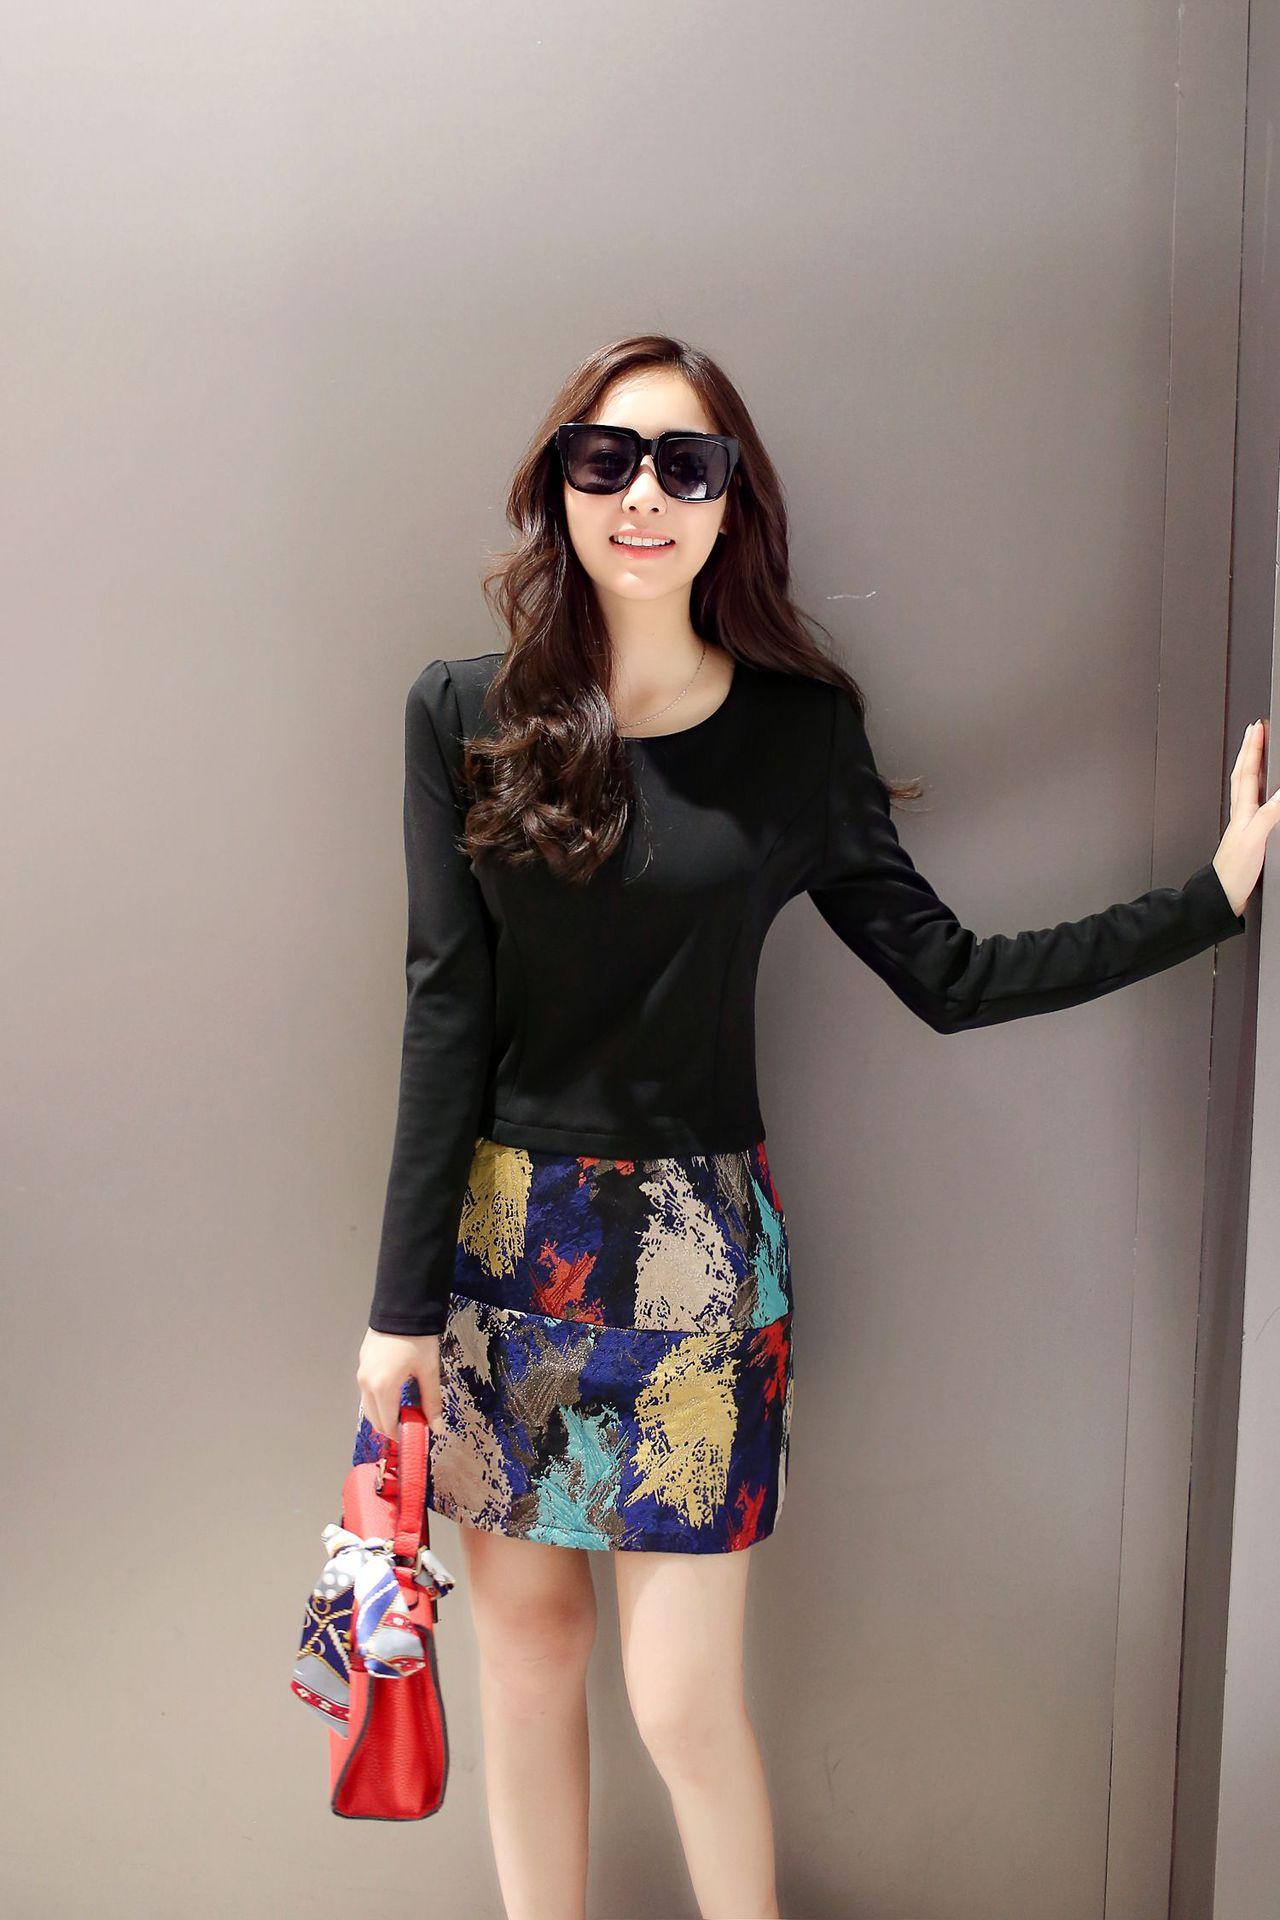 ชุดเดรสทำงานสีดำ ตัวเสื้อแขนยาว คอกลม เอวเข้ารูป กระโปรงลายสีสันสดใส สวยเก๋